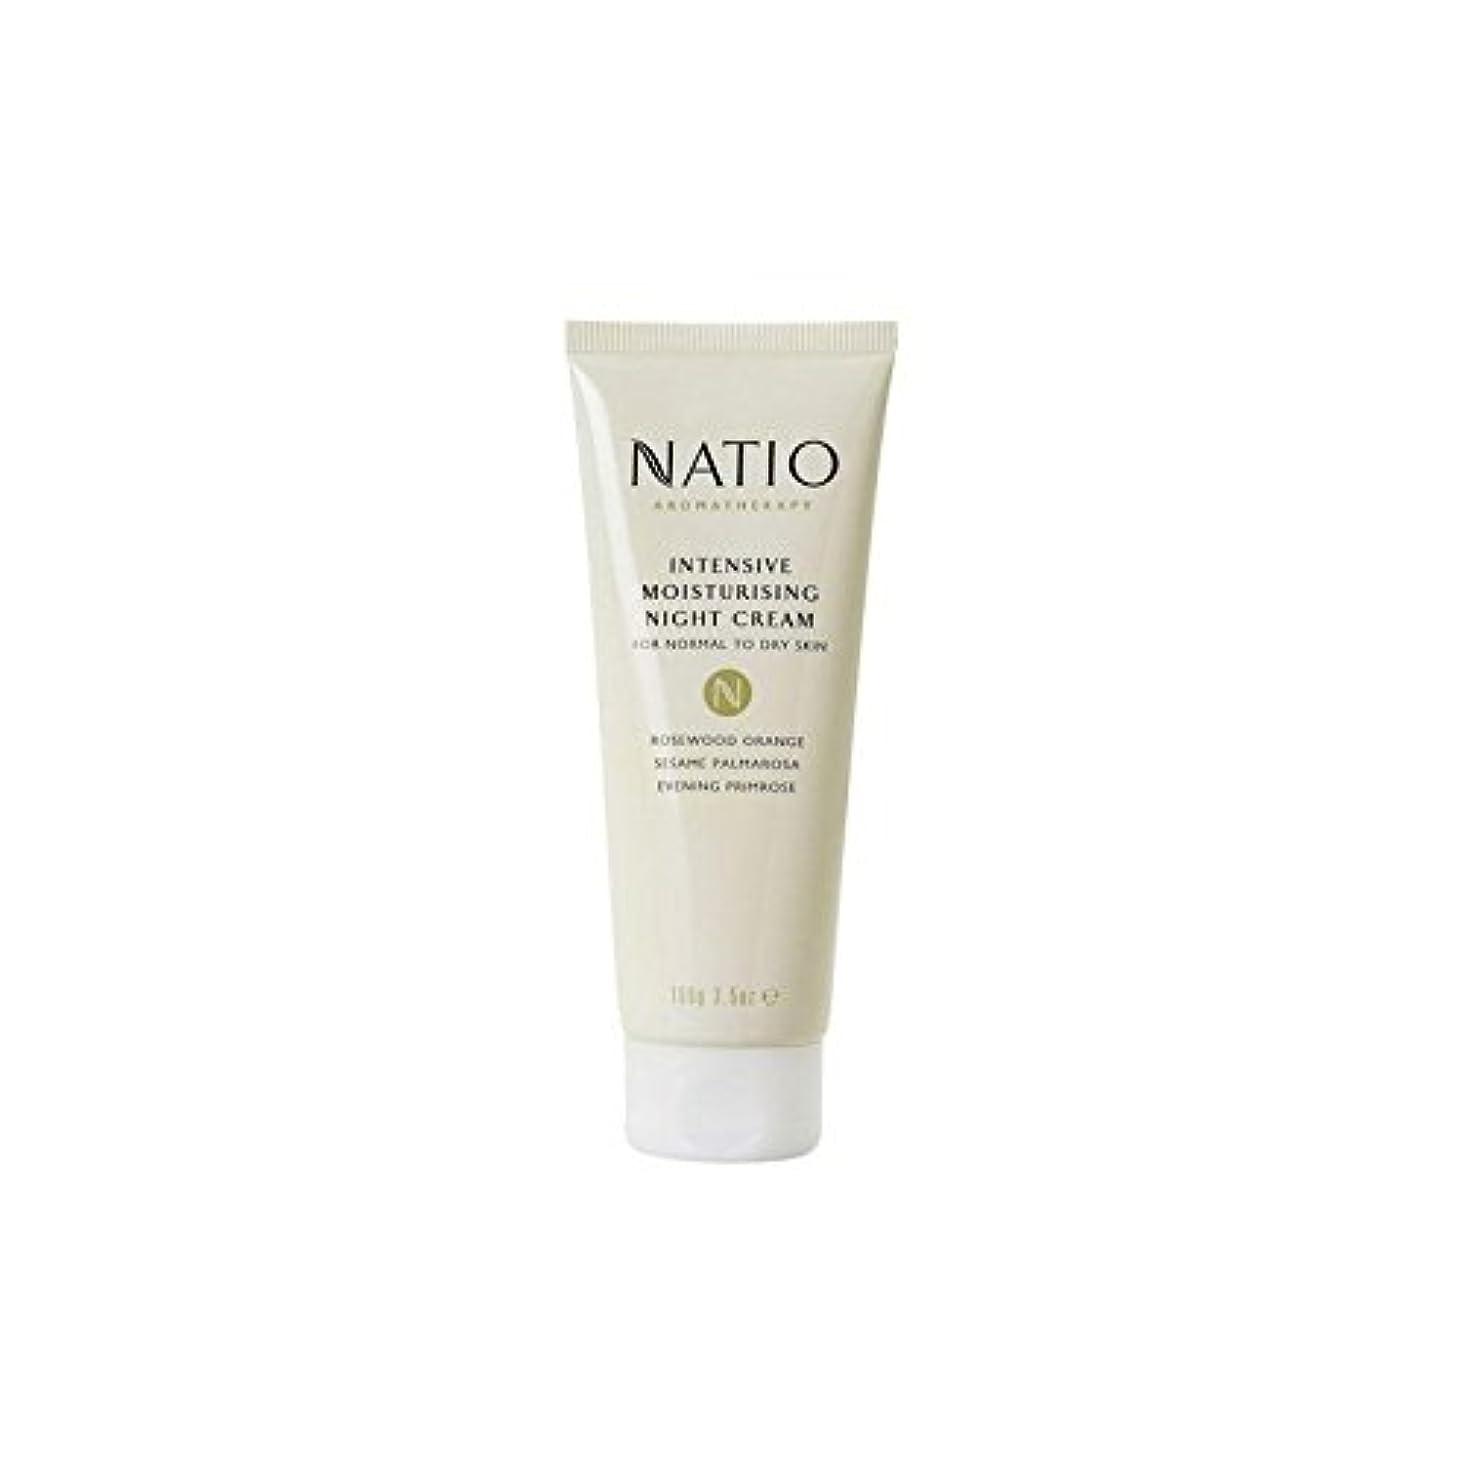 風ビヨン首集中的な保湿ナイトクリーム(100グラム) x4 - Natio Intensive Moisturising Night Cream (100G) (Pack of 4) [並行輸入品]